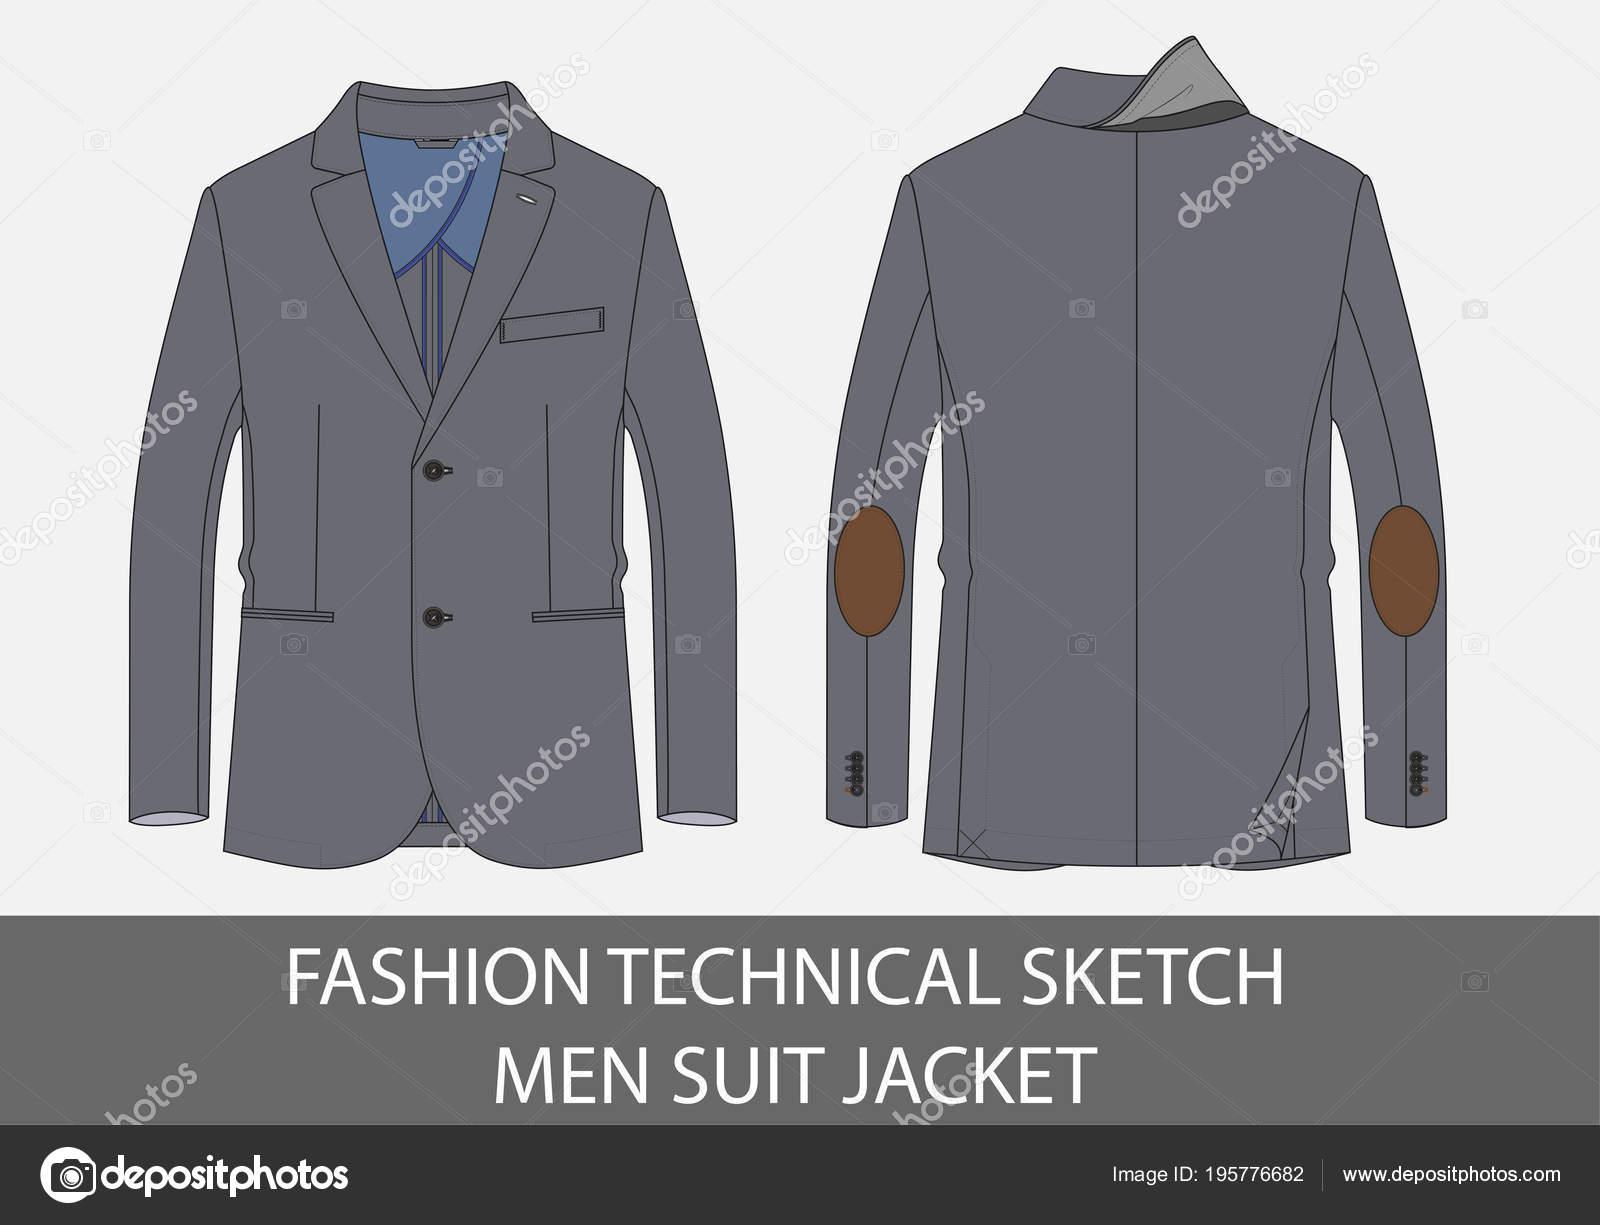 Ανδρών μόδας τεχνική σκίτσο κοστούμι σακάκι στο διάνυσμα– εικονογράφηση  αρχείου 9046bacd8ba